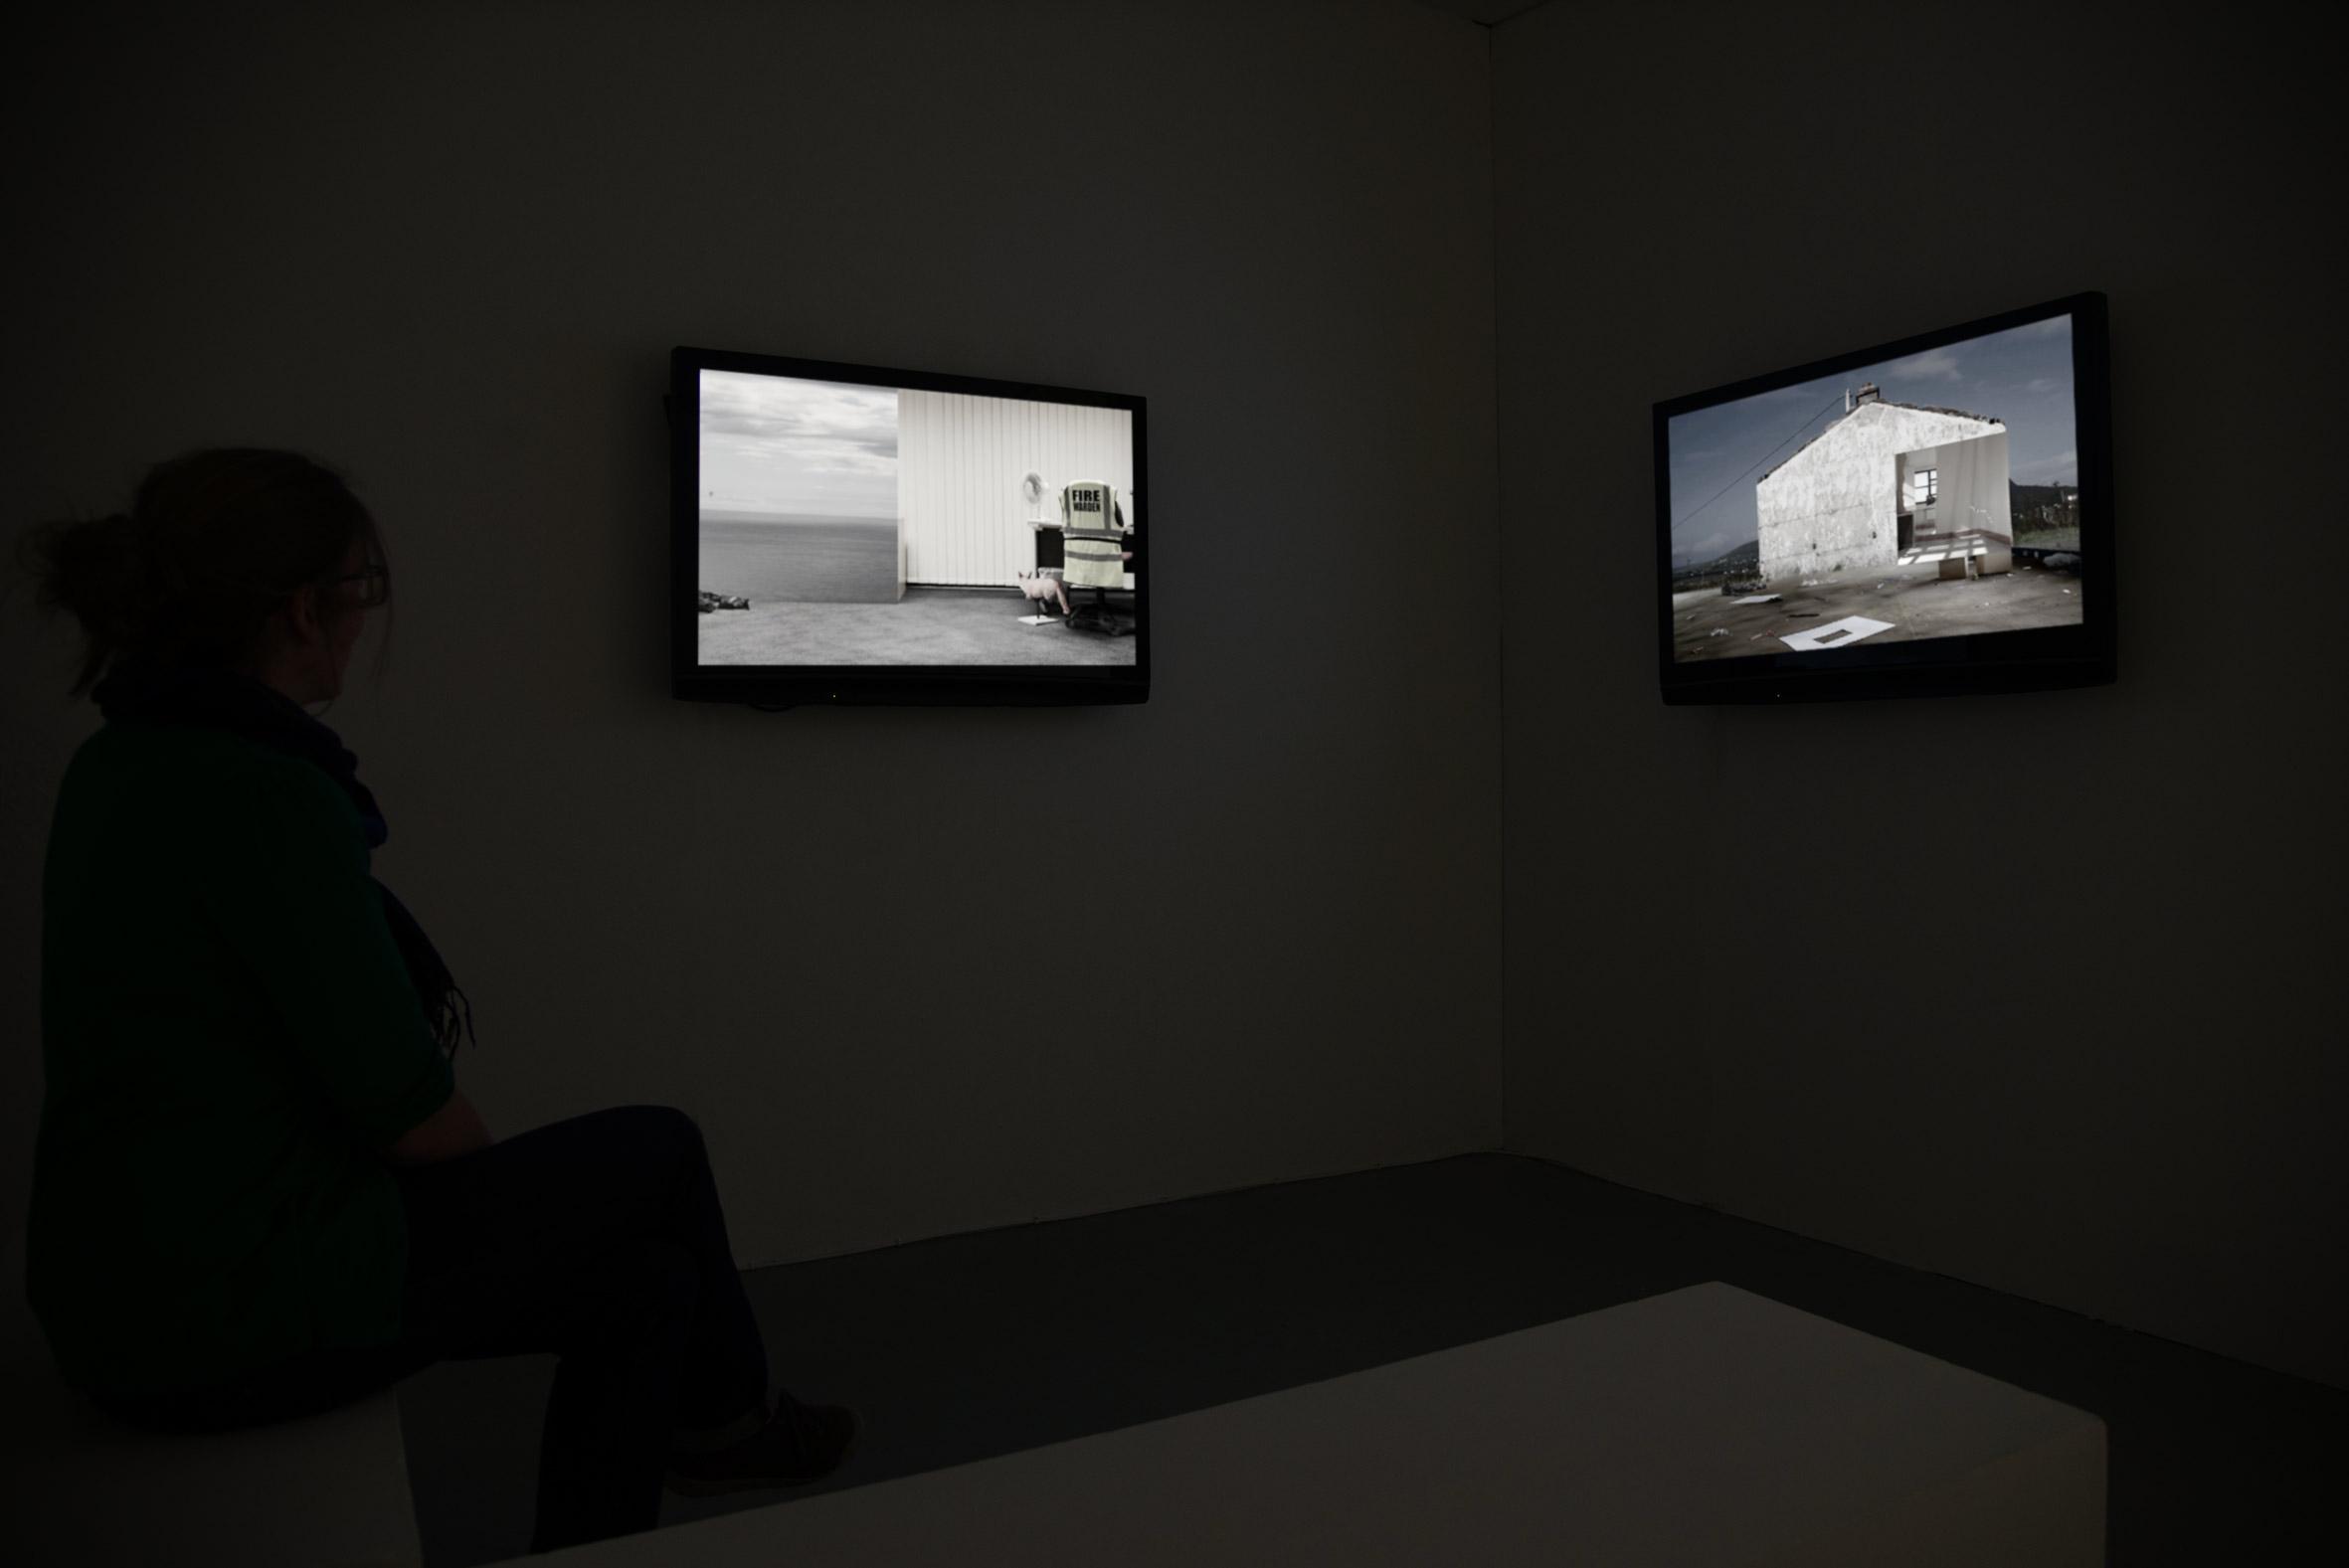 L'Oeil d'Oodaaq, Musée des Beaux Arts, Rennes, France, 2015.